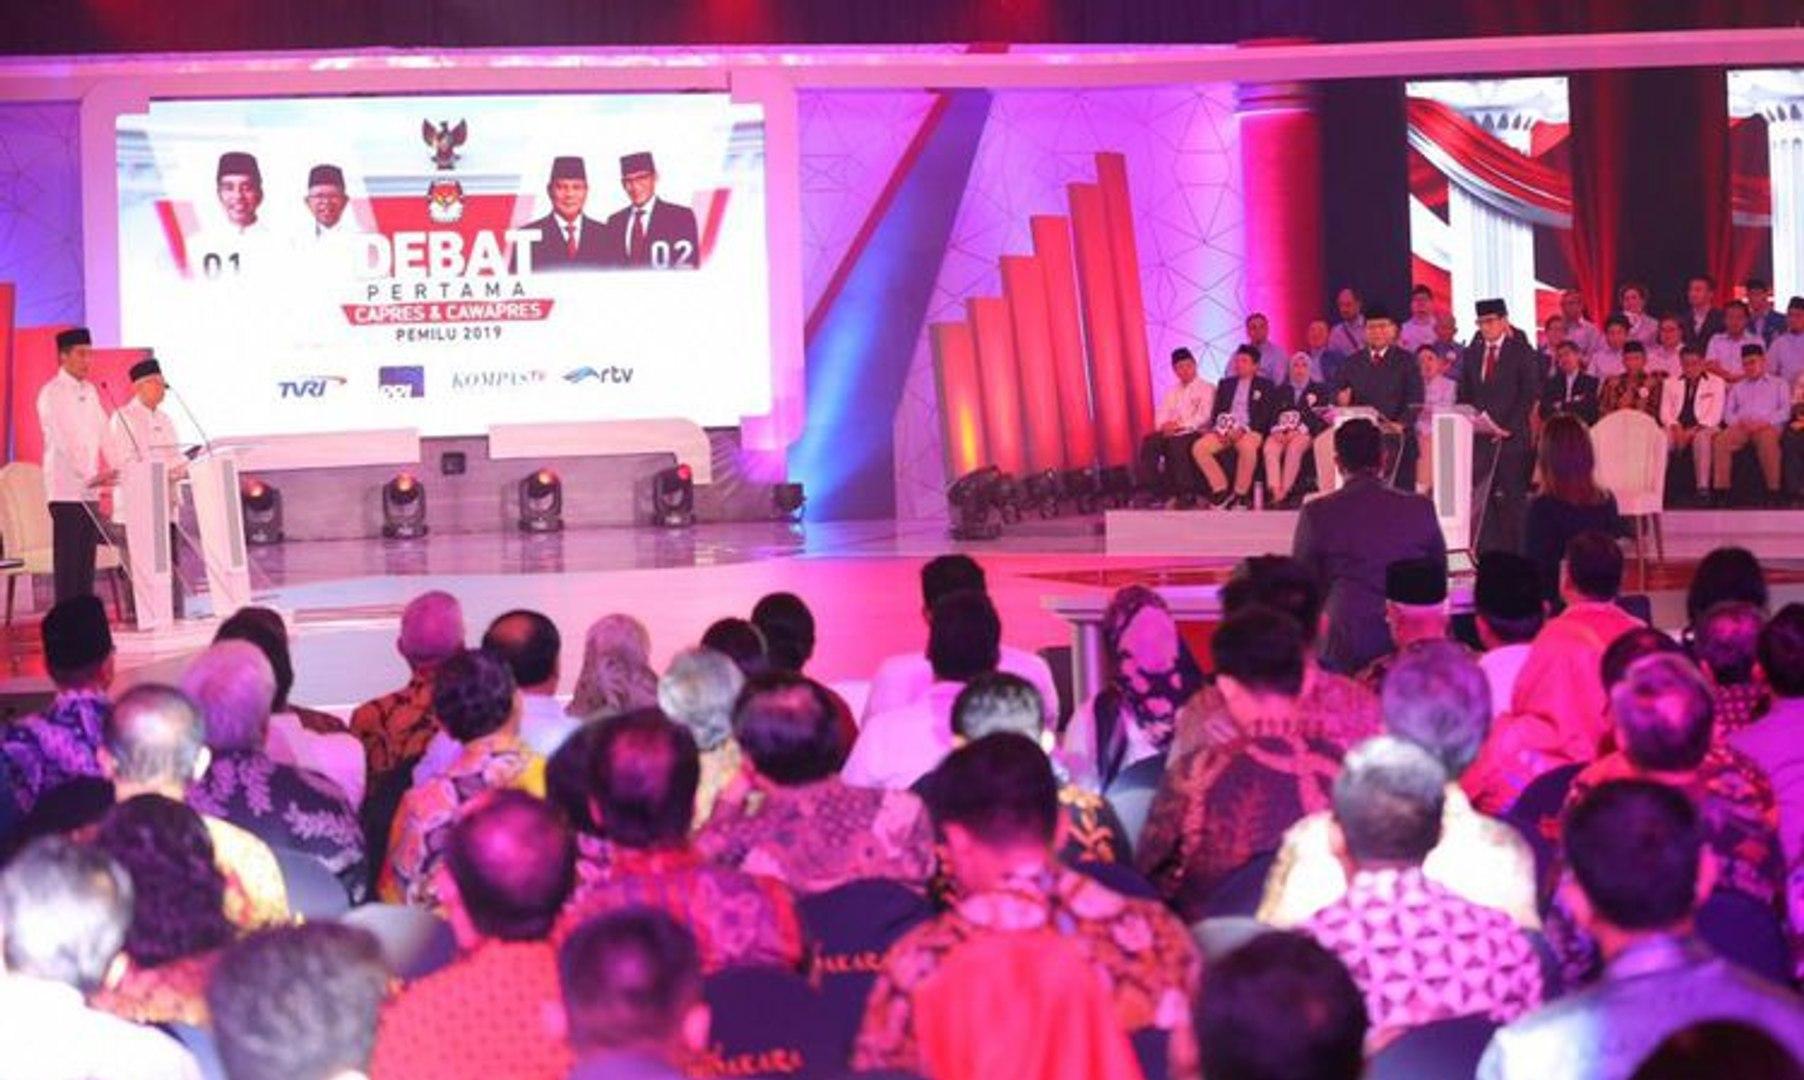 Komnas HAM: Paslon Belum Sentuh Inti Masalah HAM di Indonesia